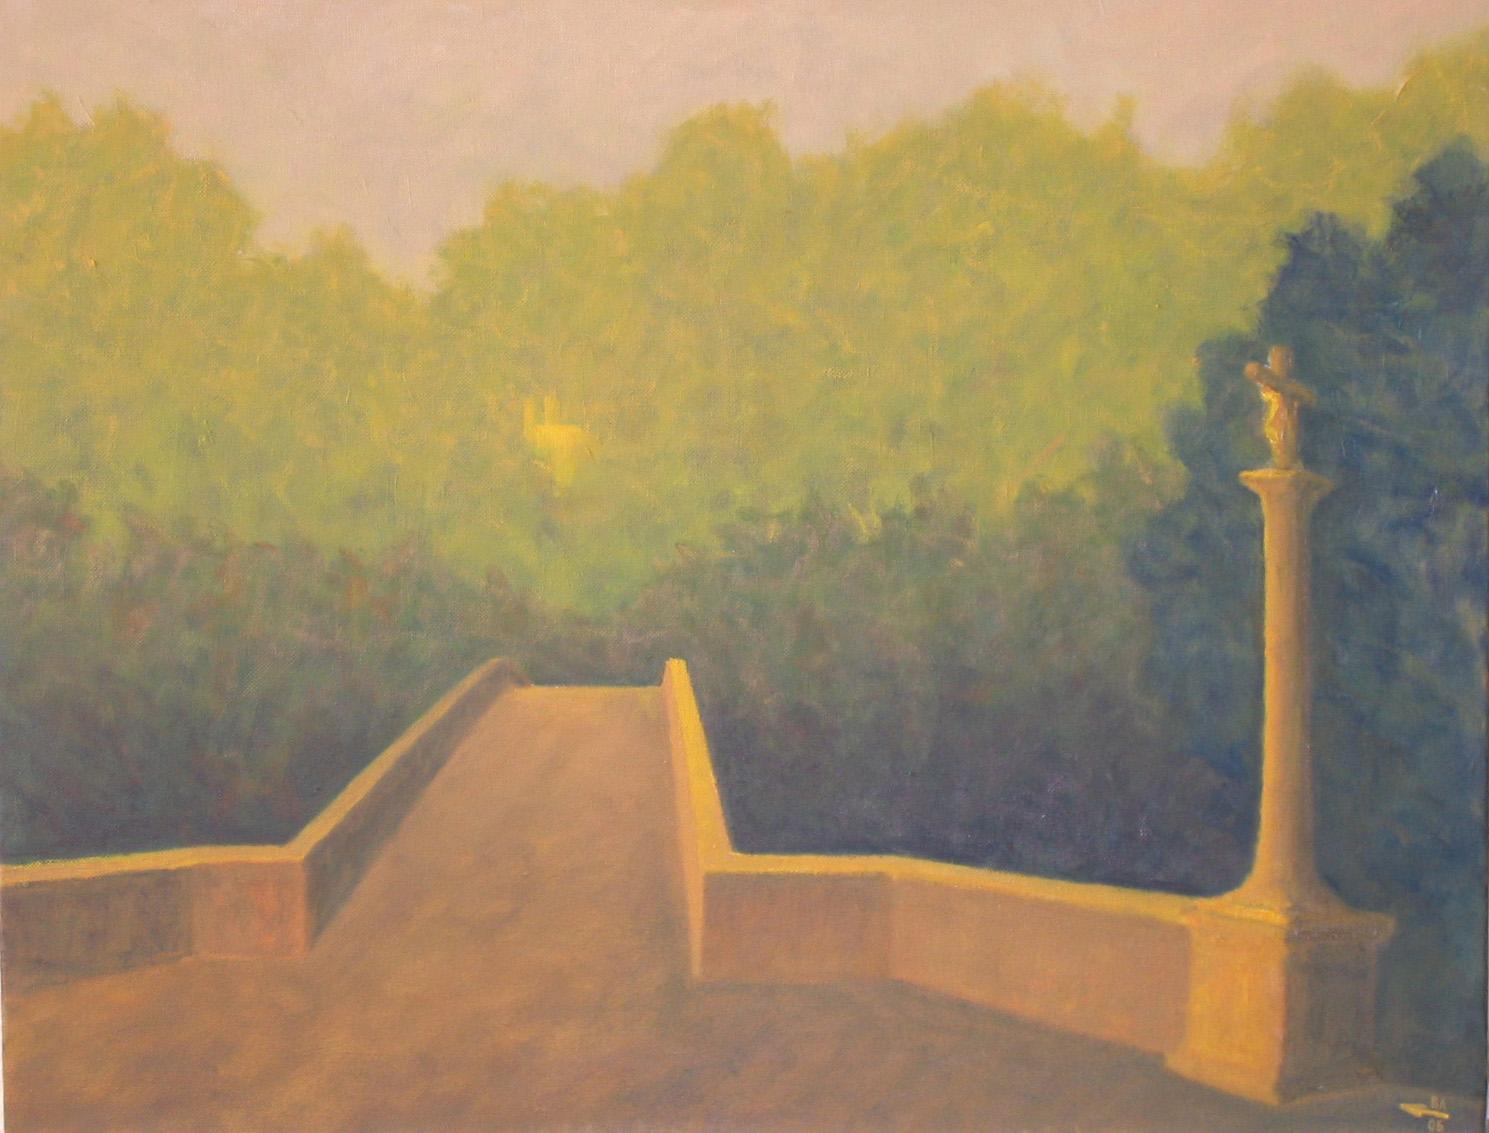 PAMPLONA 2004